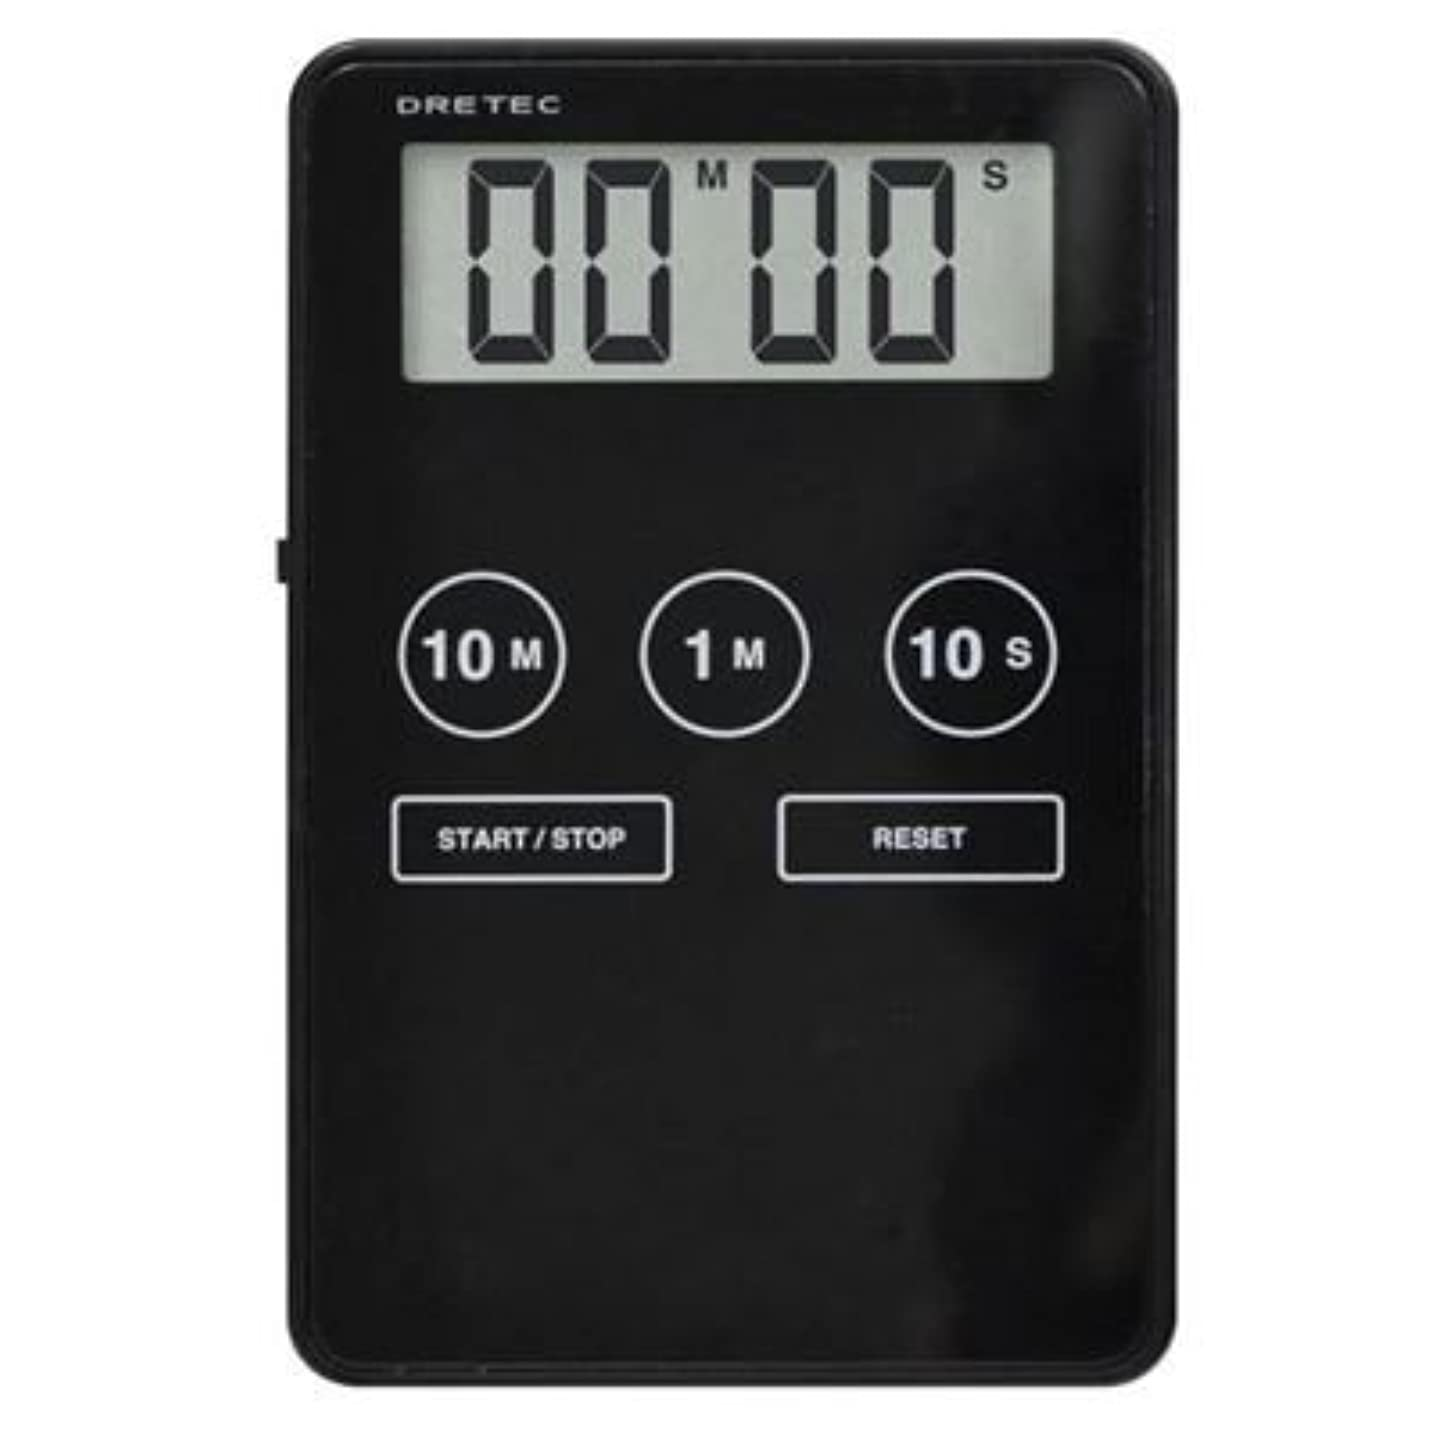 硬い体フロントバイブレーションタイマー【i-timer】 (黒)